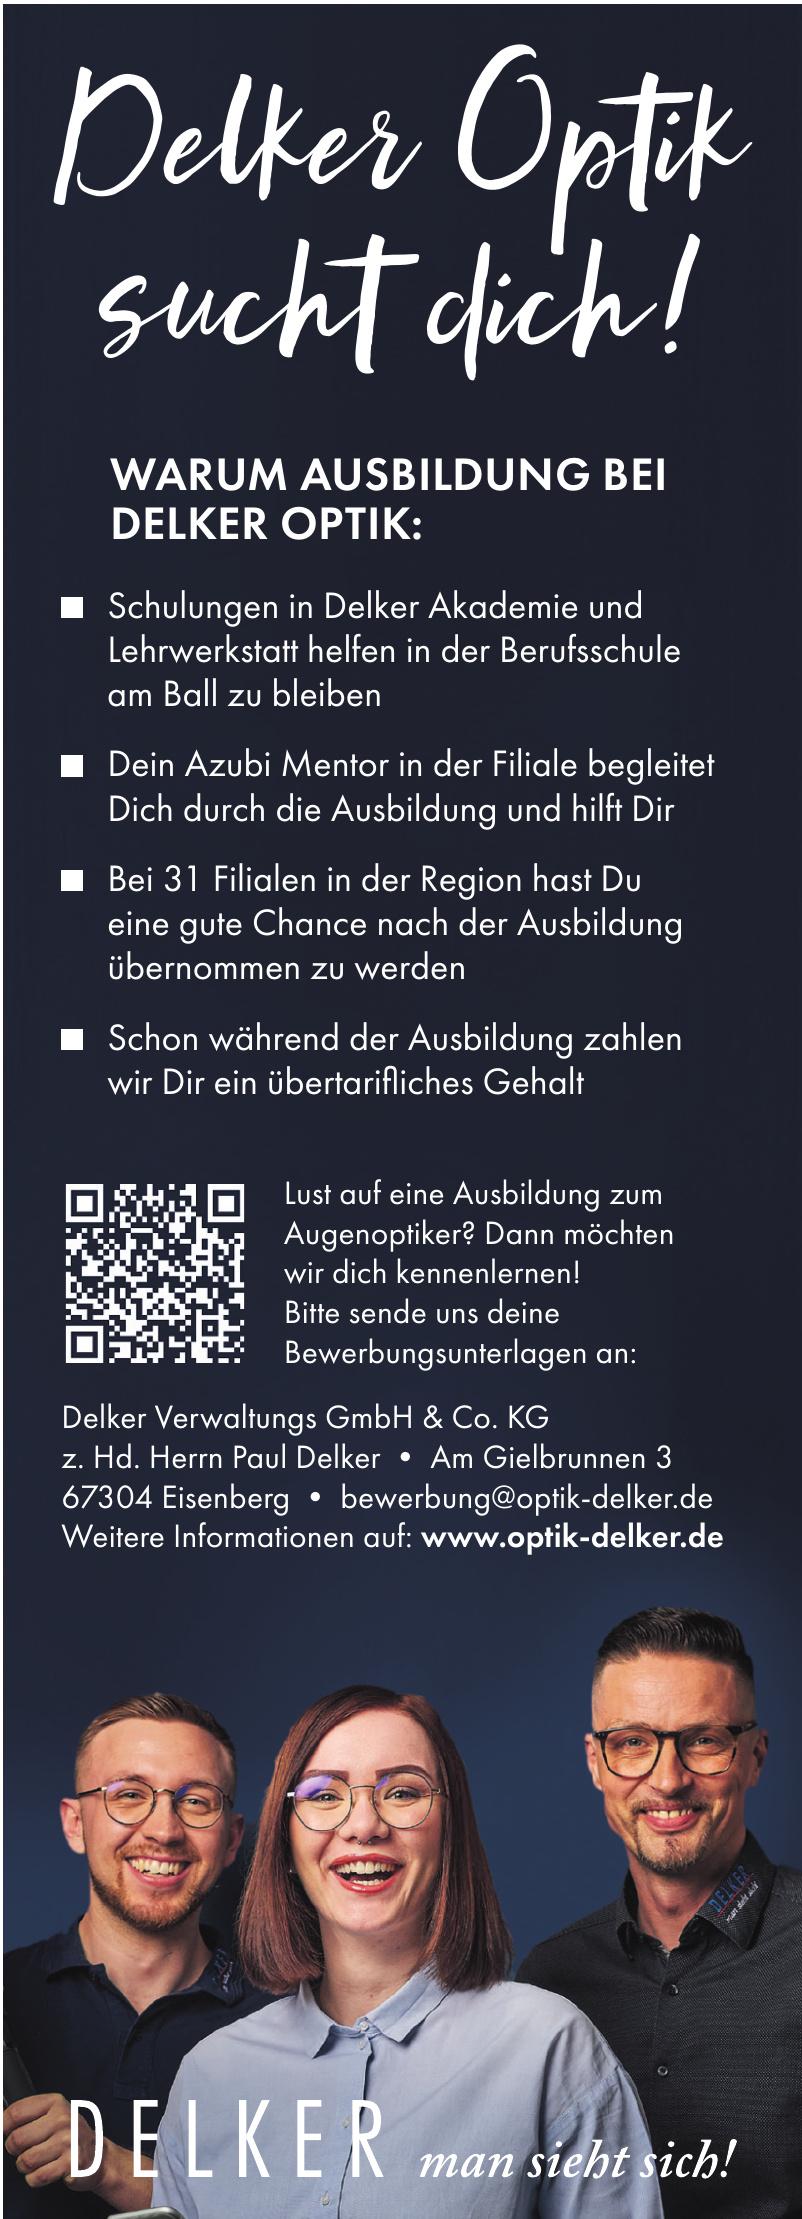 Delker Verwaltungs GmbH & Co. KG